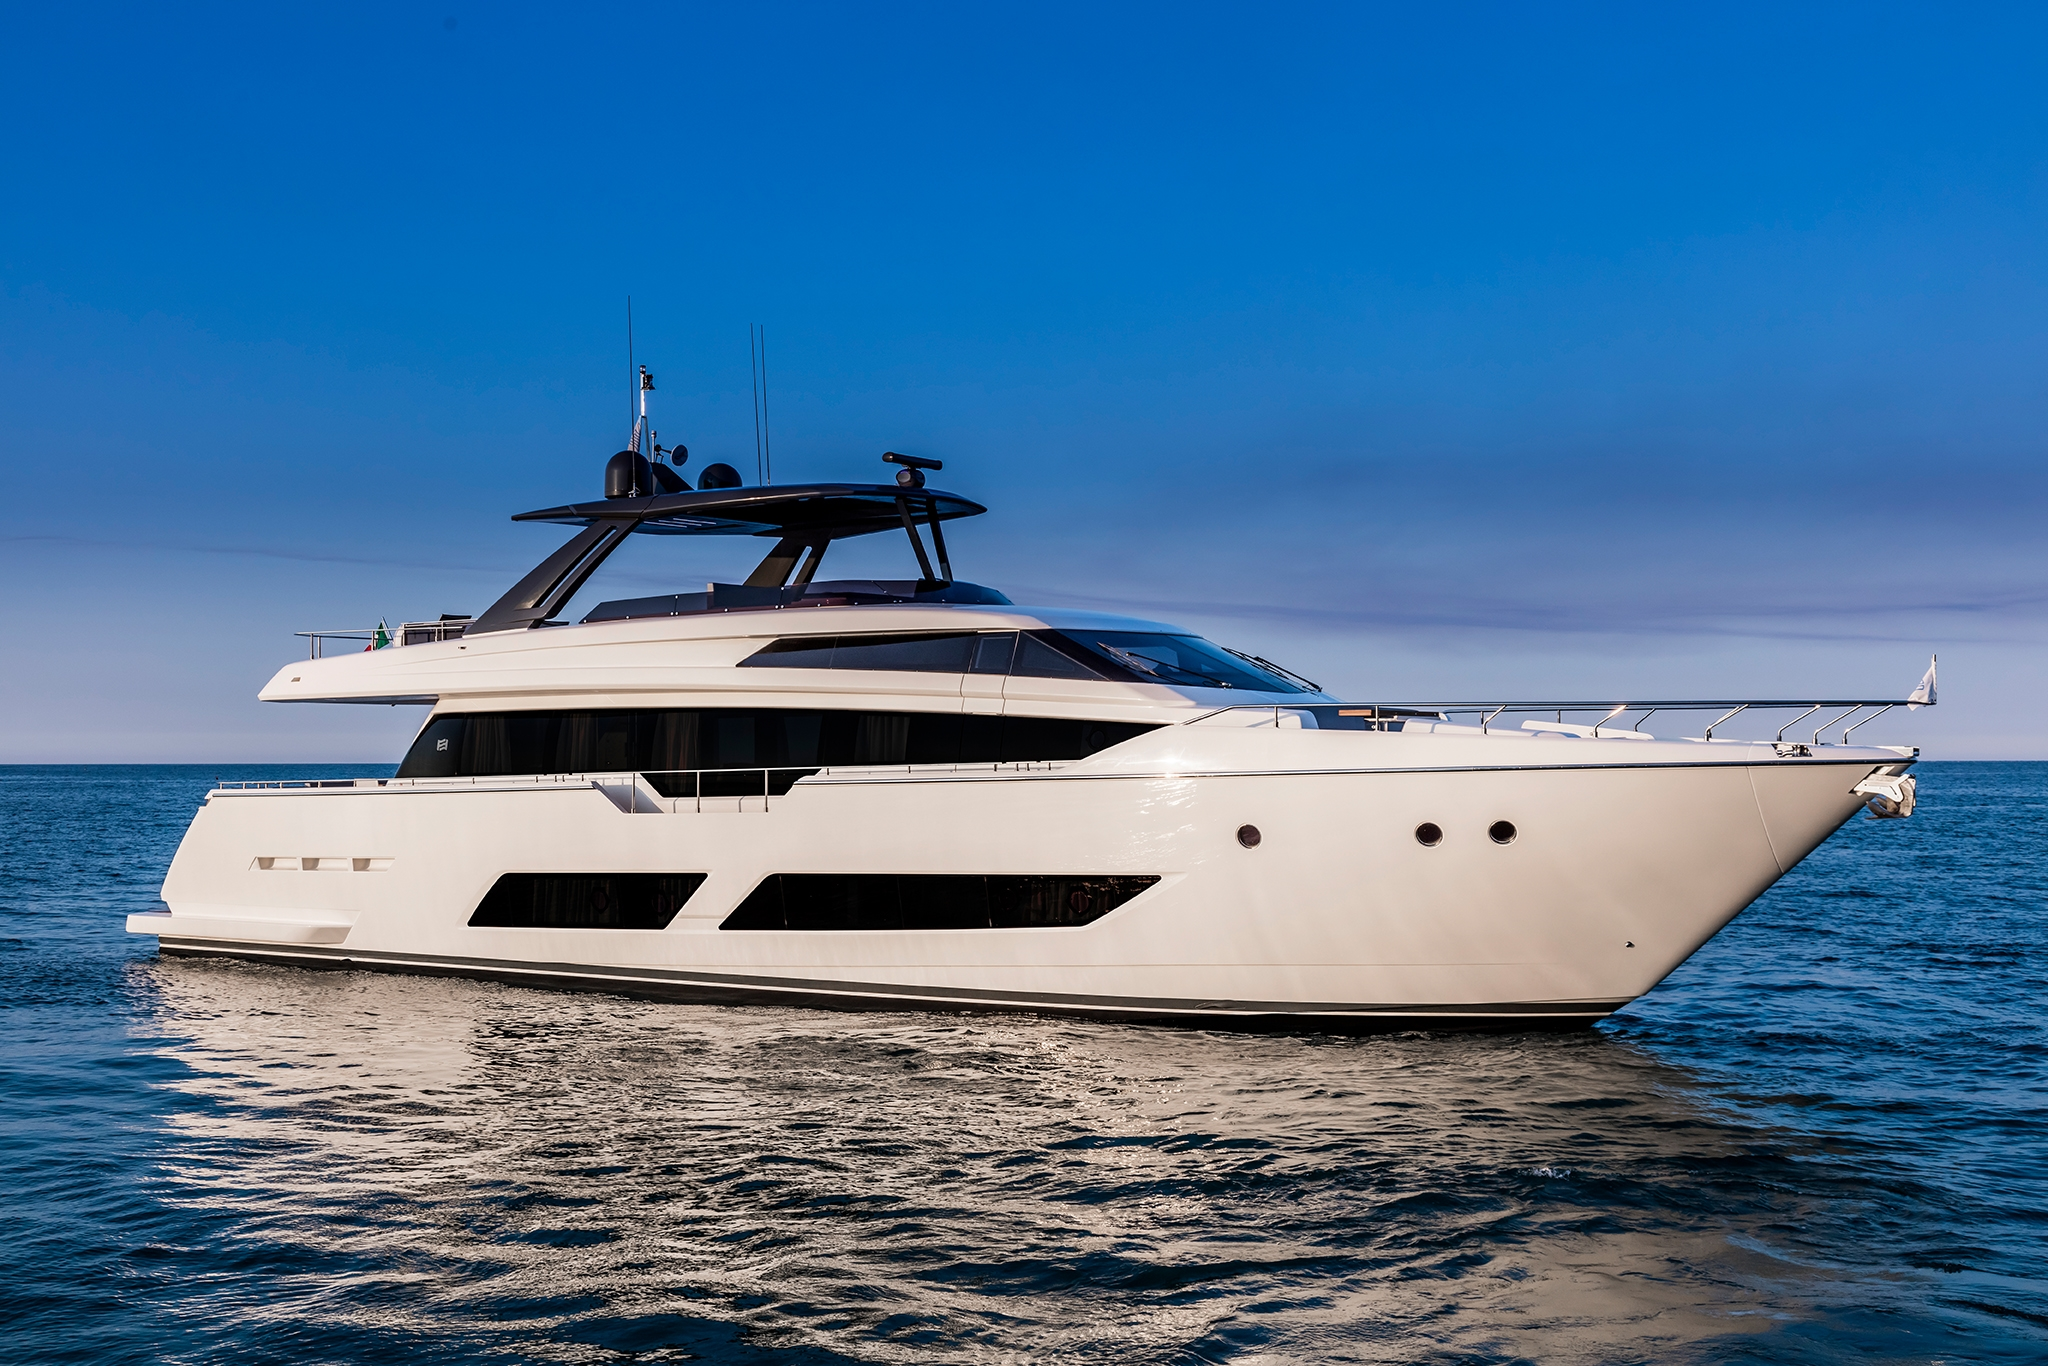 Ferretti Yachts 850. Du hittar fler yachts och exklusiva båtar på vår sajt.